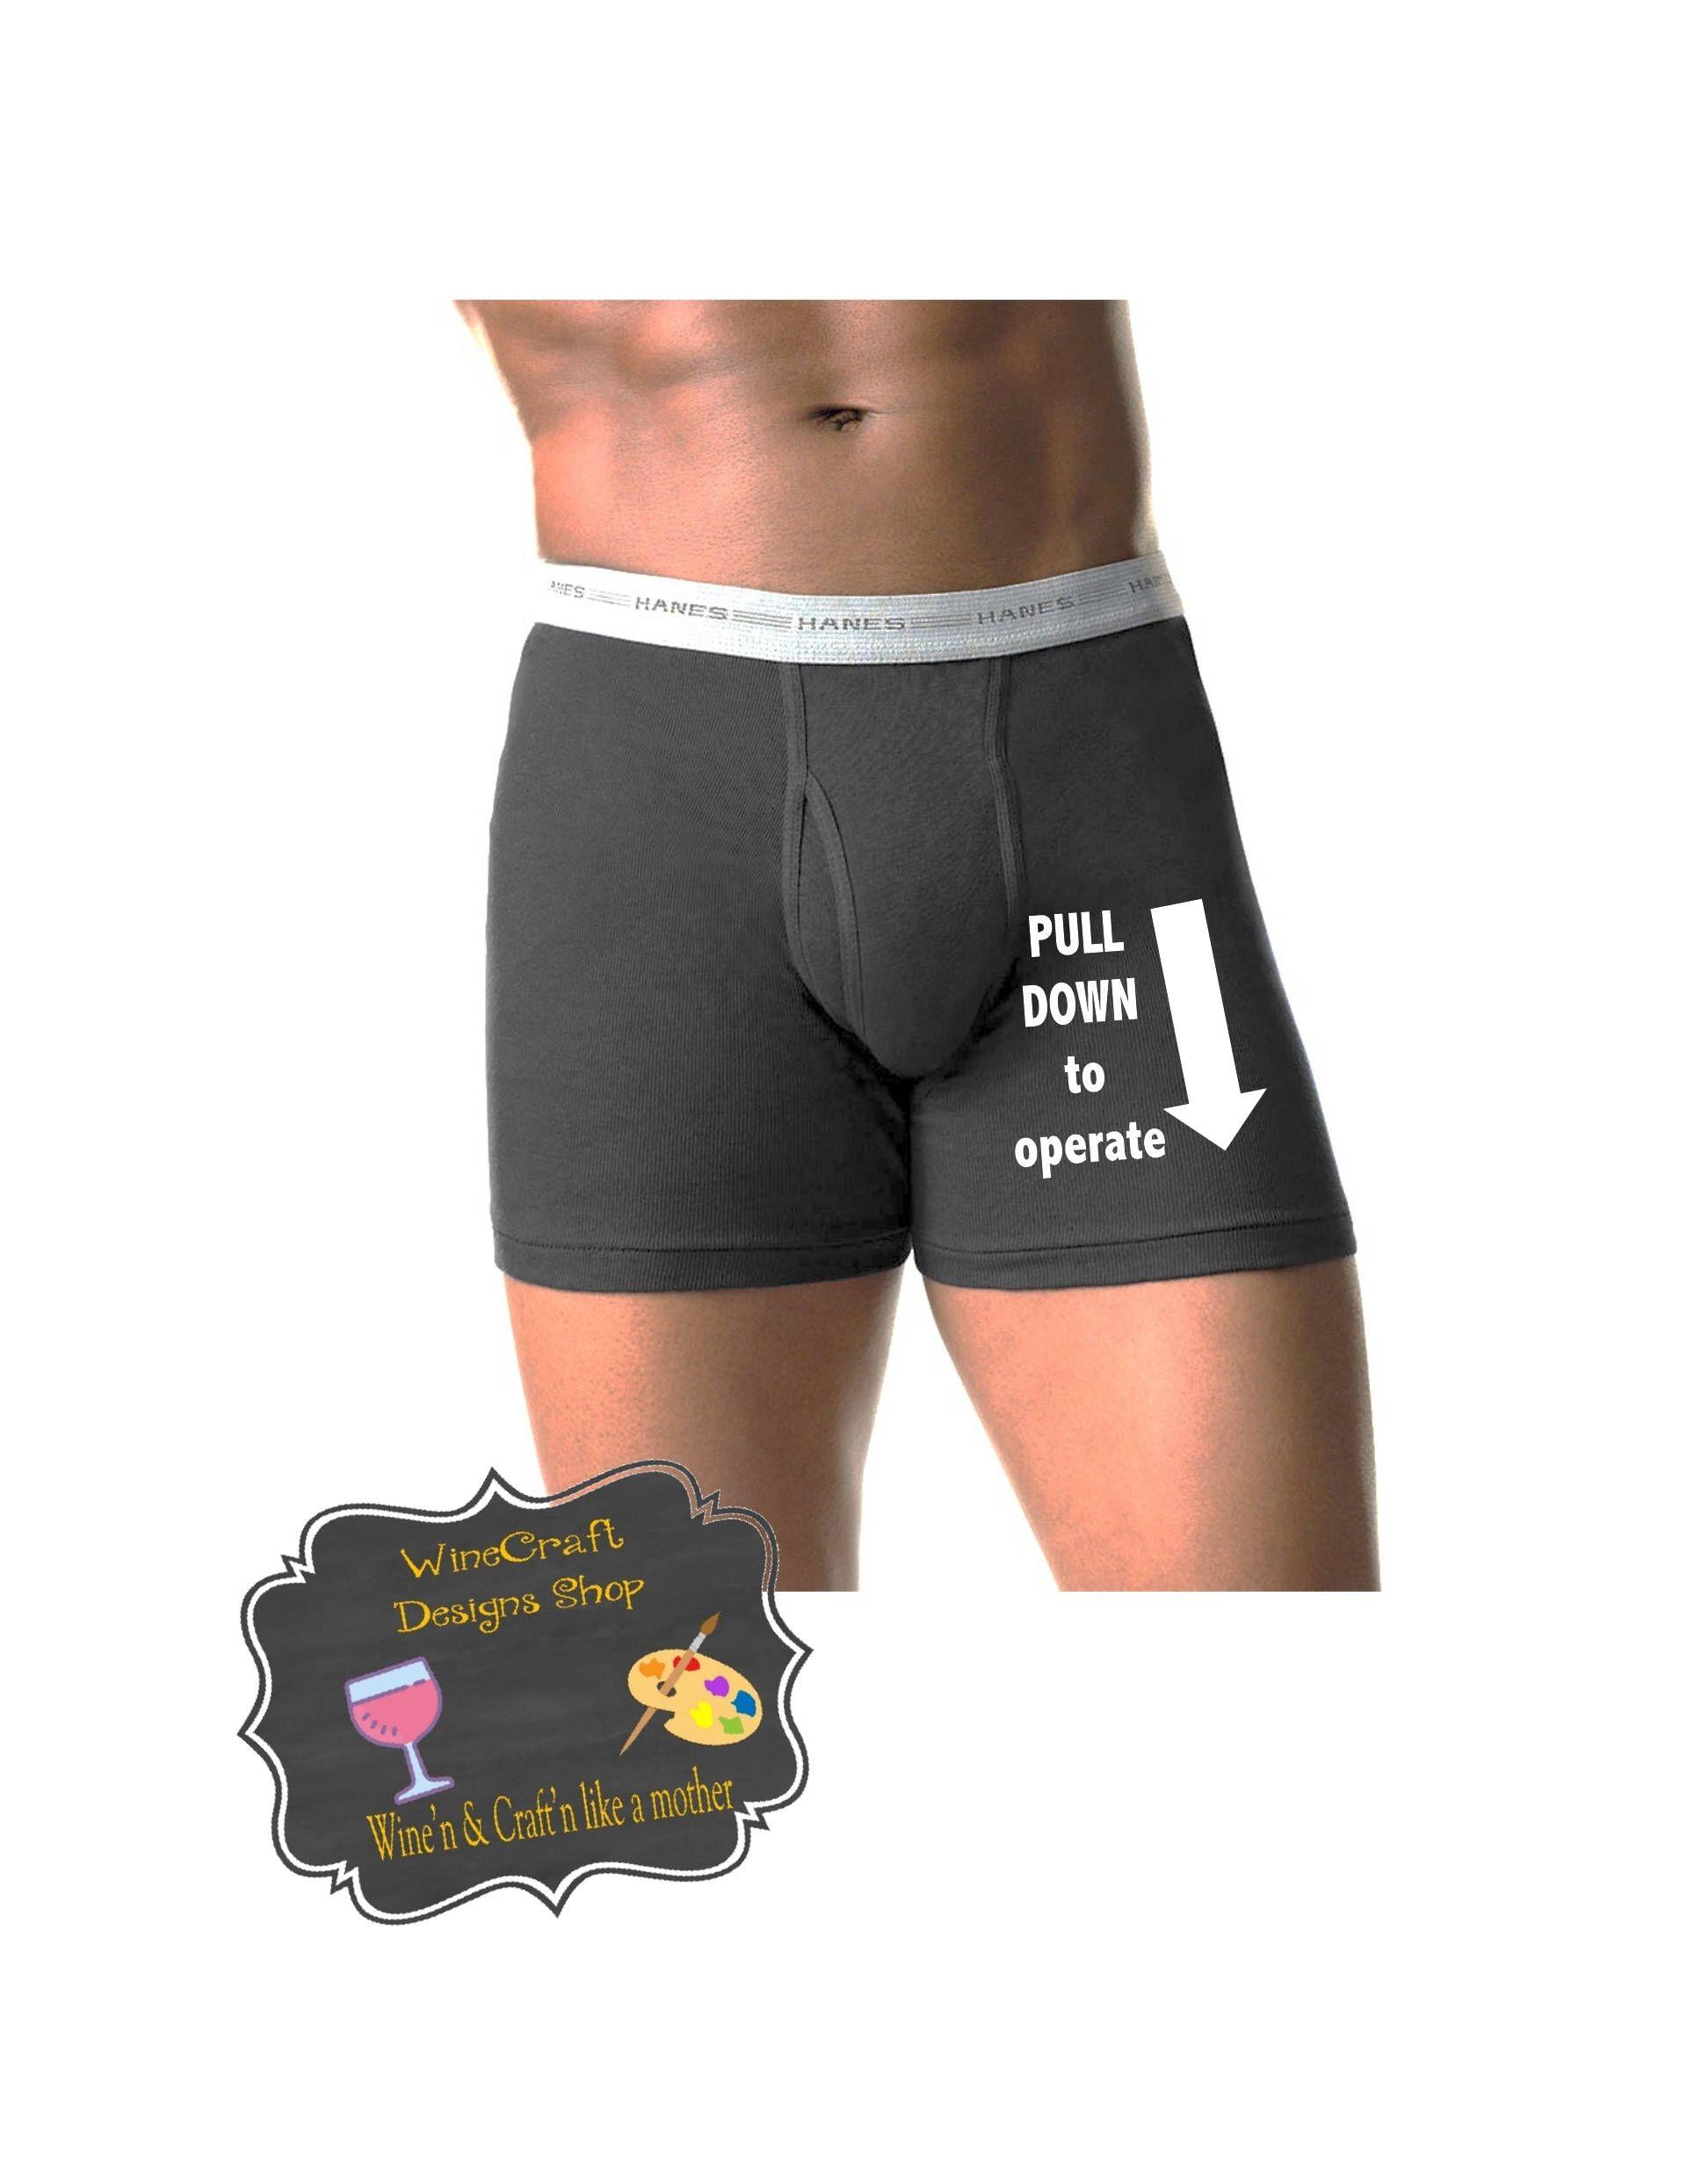 Wedding anniversary gift Boyfriend gift Custom underwear. Funny mens underwear Mens personalized underwear Property of underwear